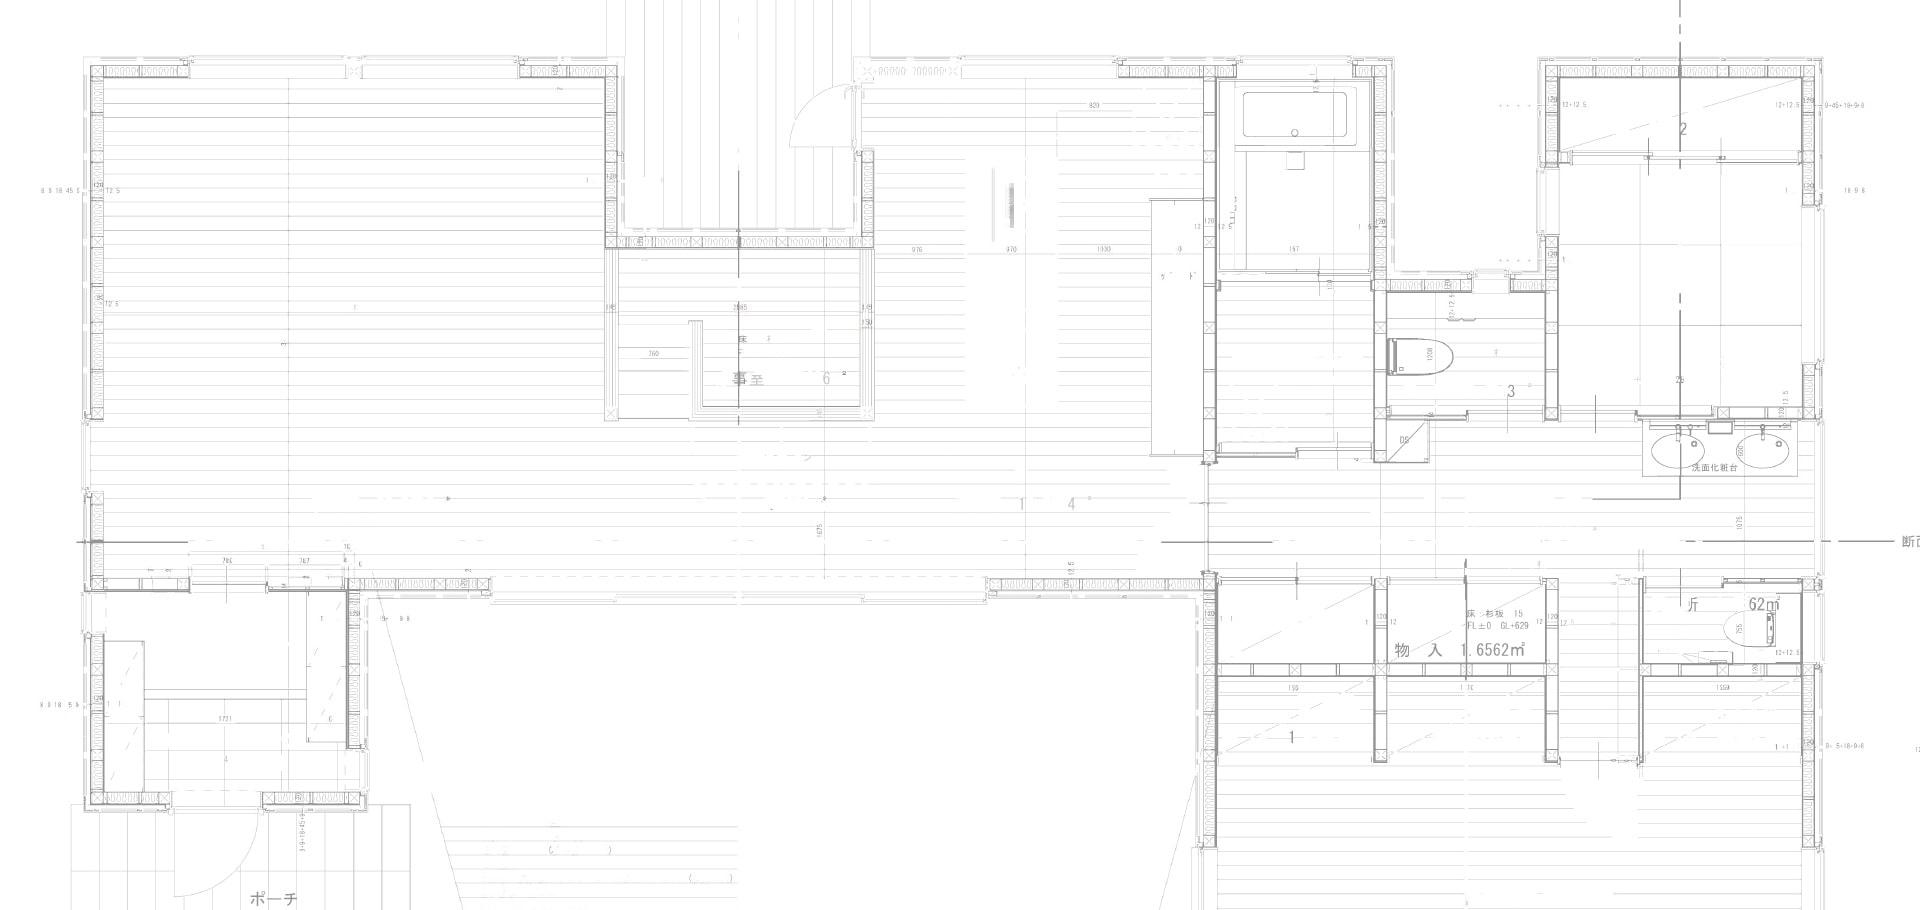 空間を意識した設計図面